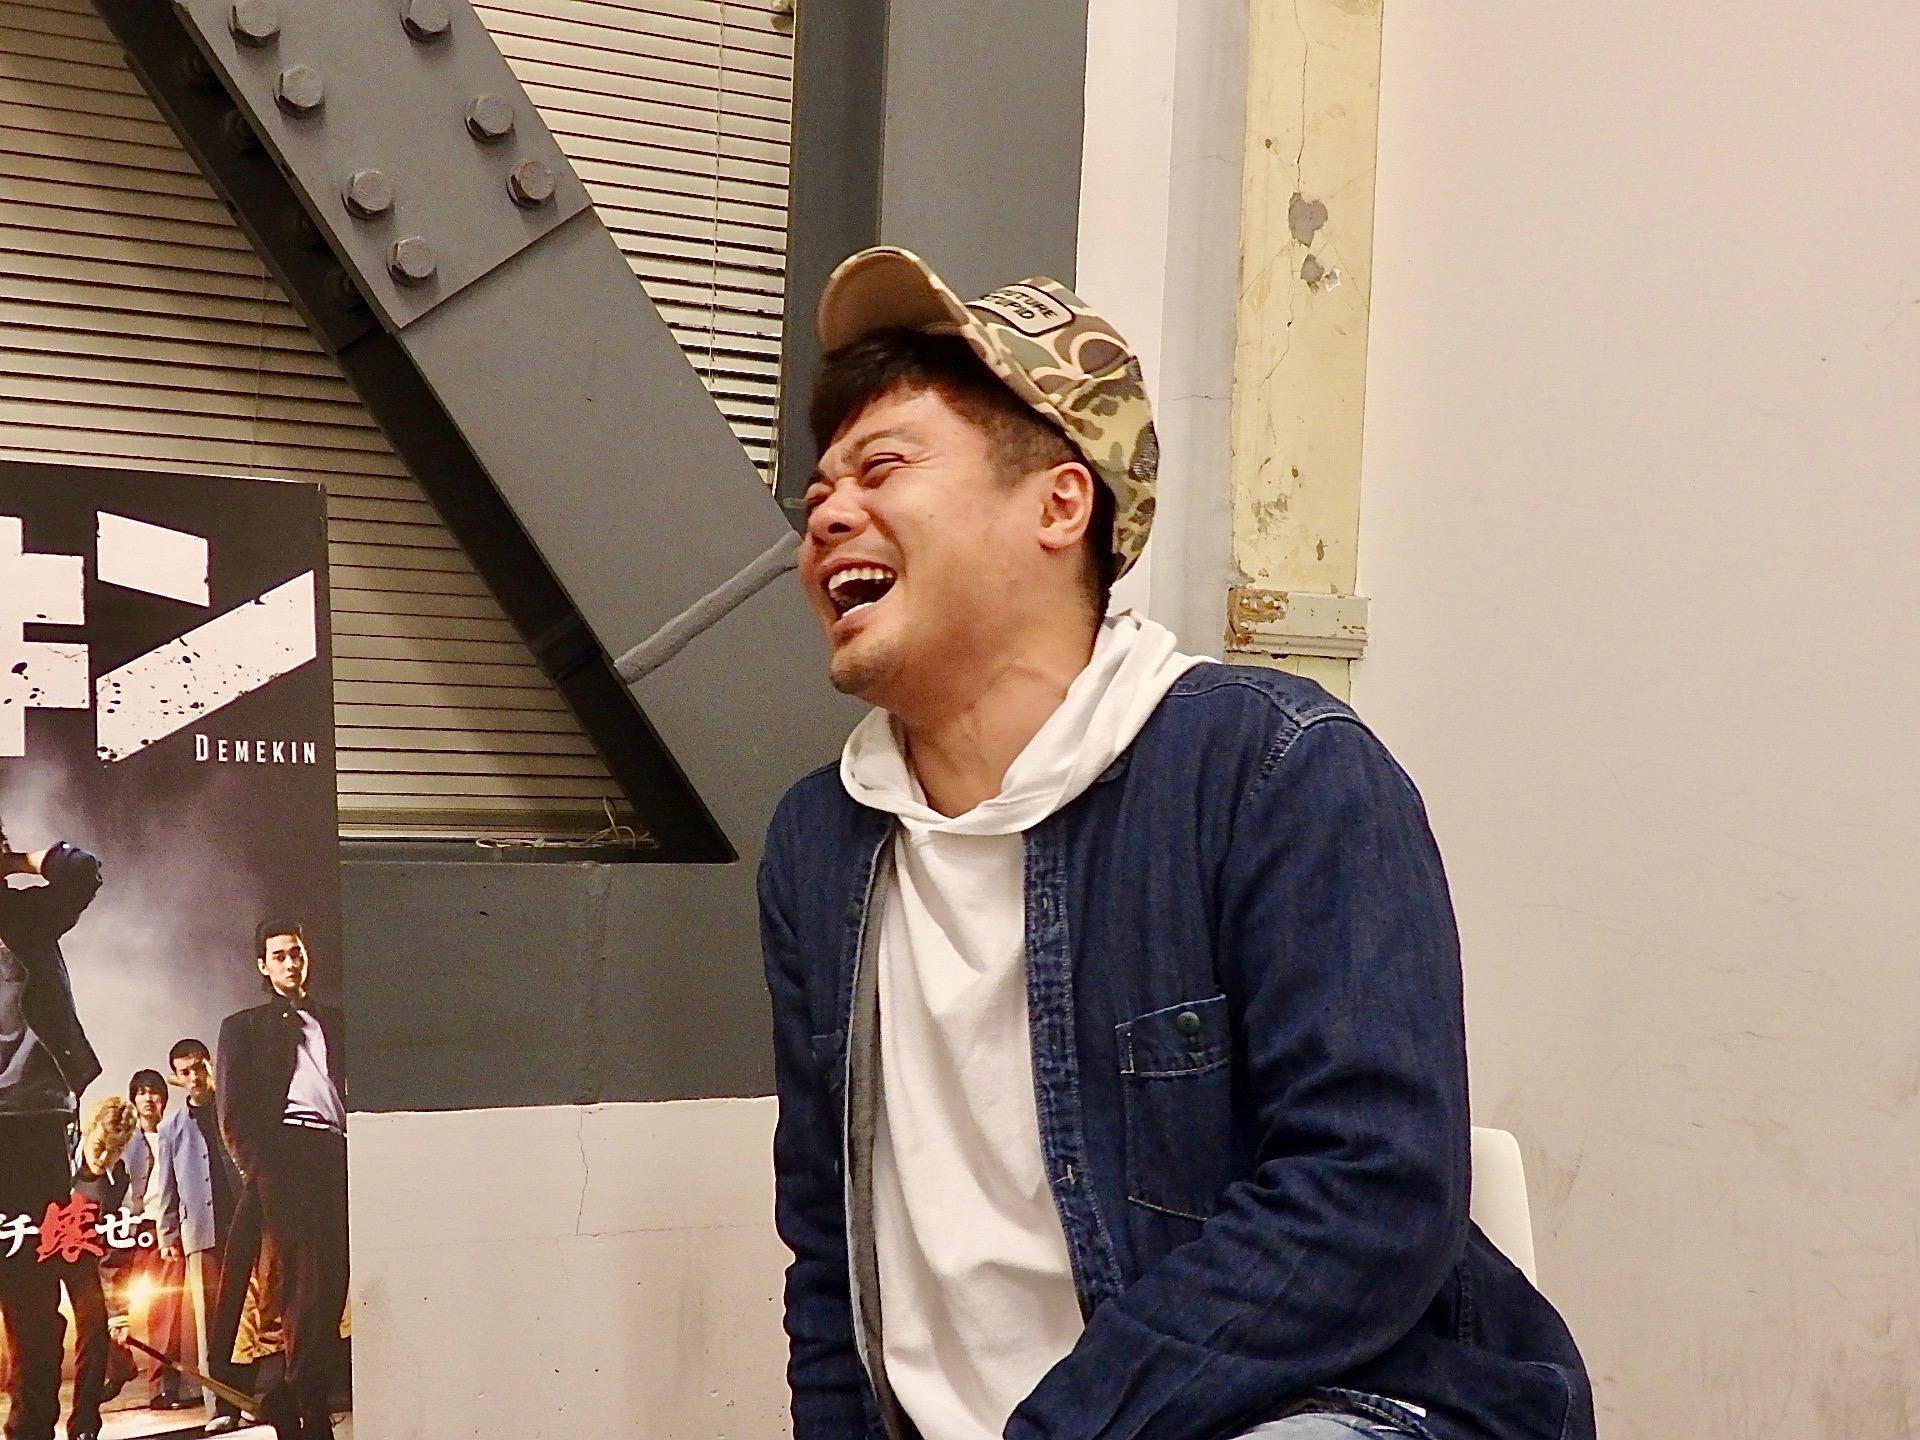 http://news.yoshimoto.co.jp/20171128165431-8f76810e7f115d69bc1abf3f0dab3e051a5e5fa8.jpg